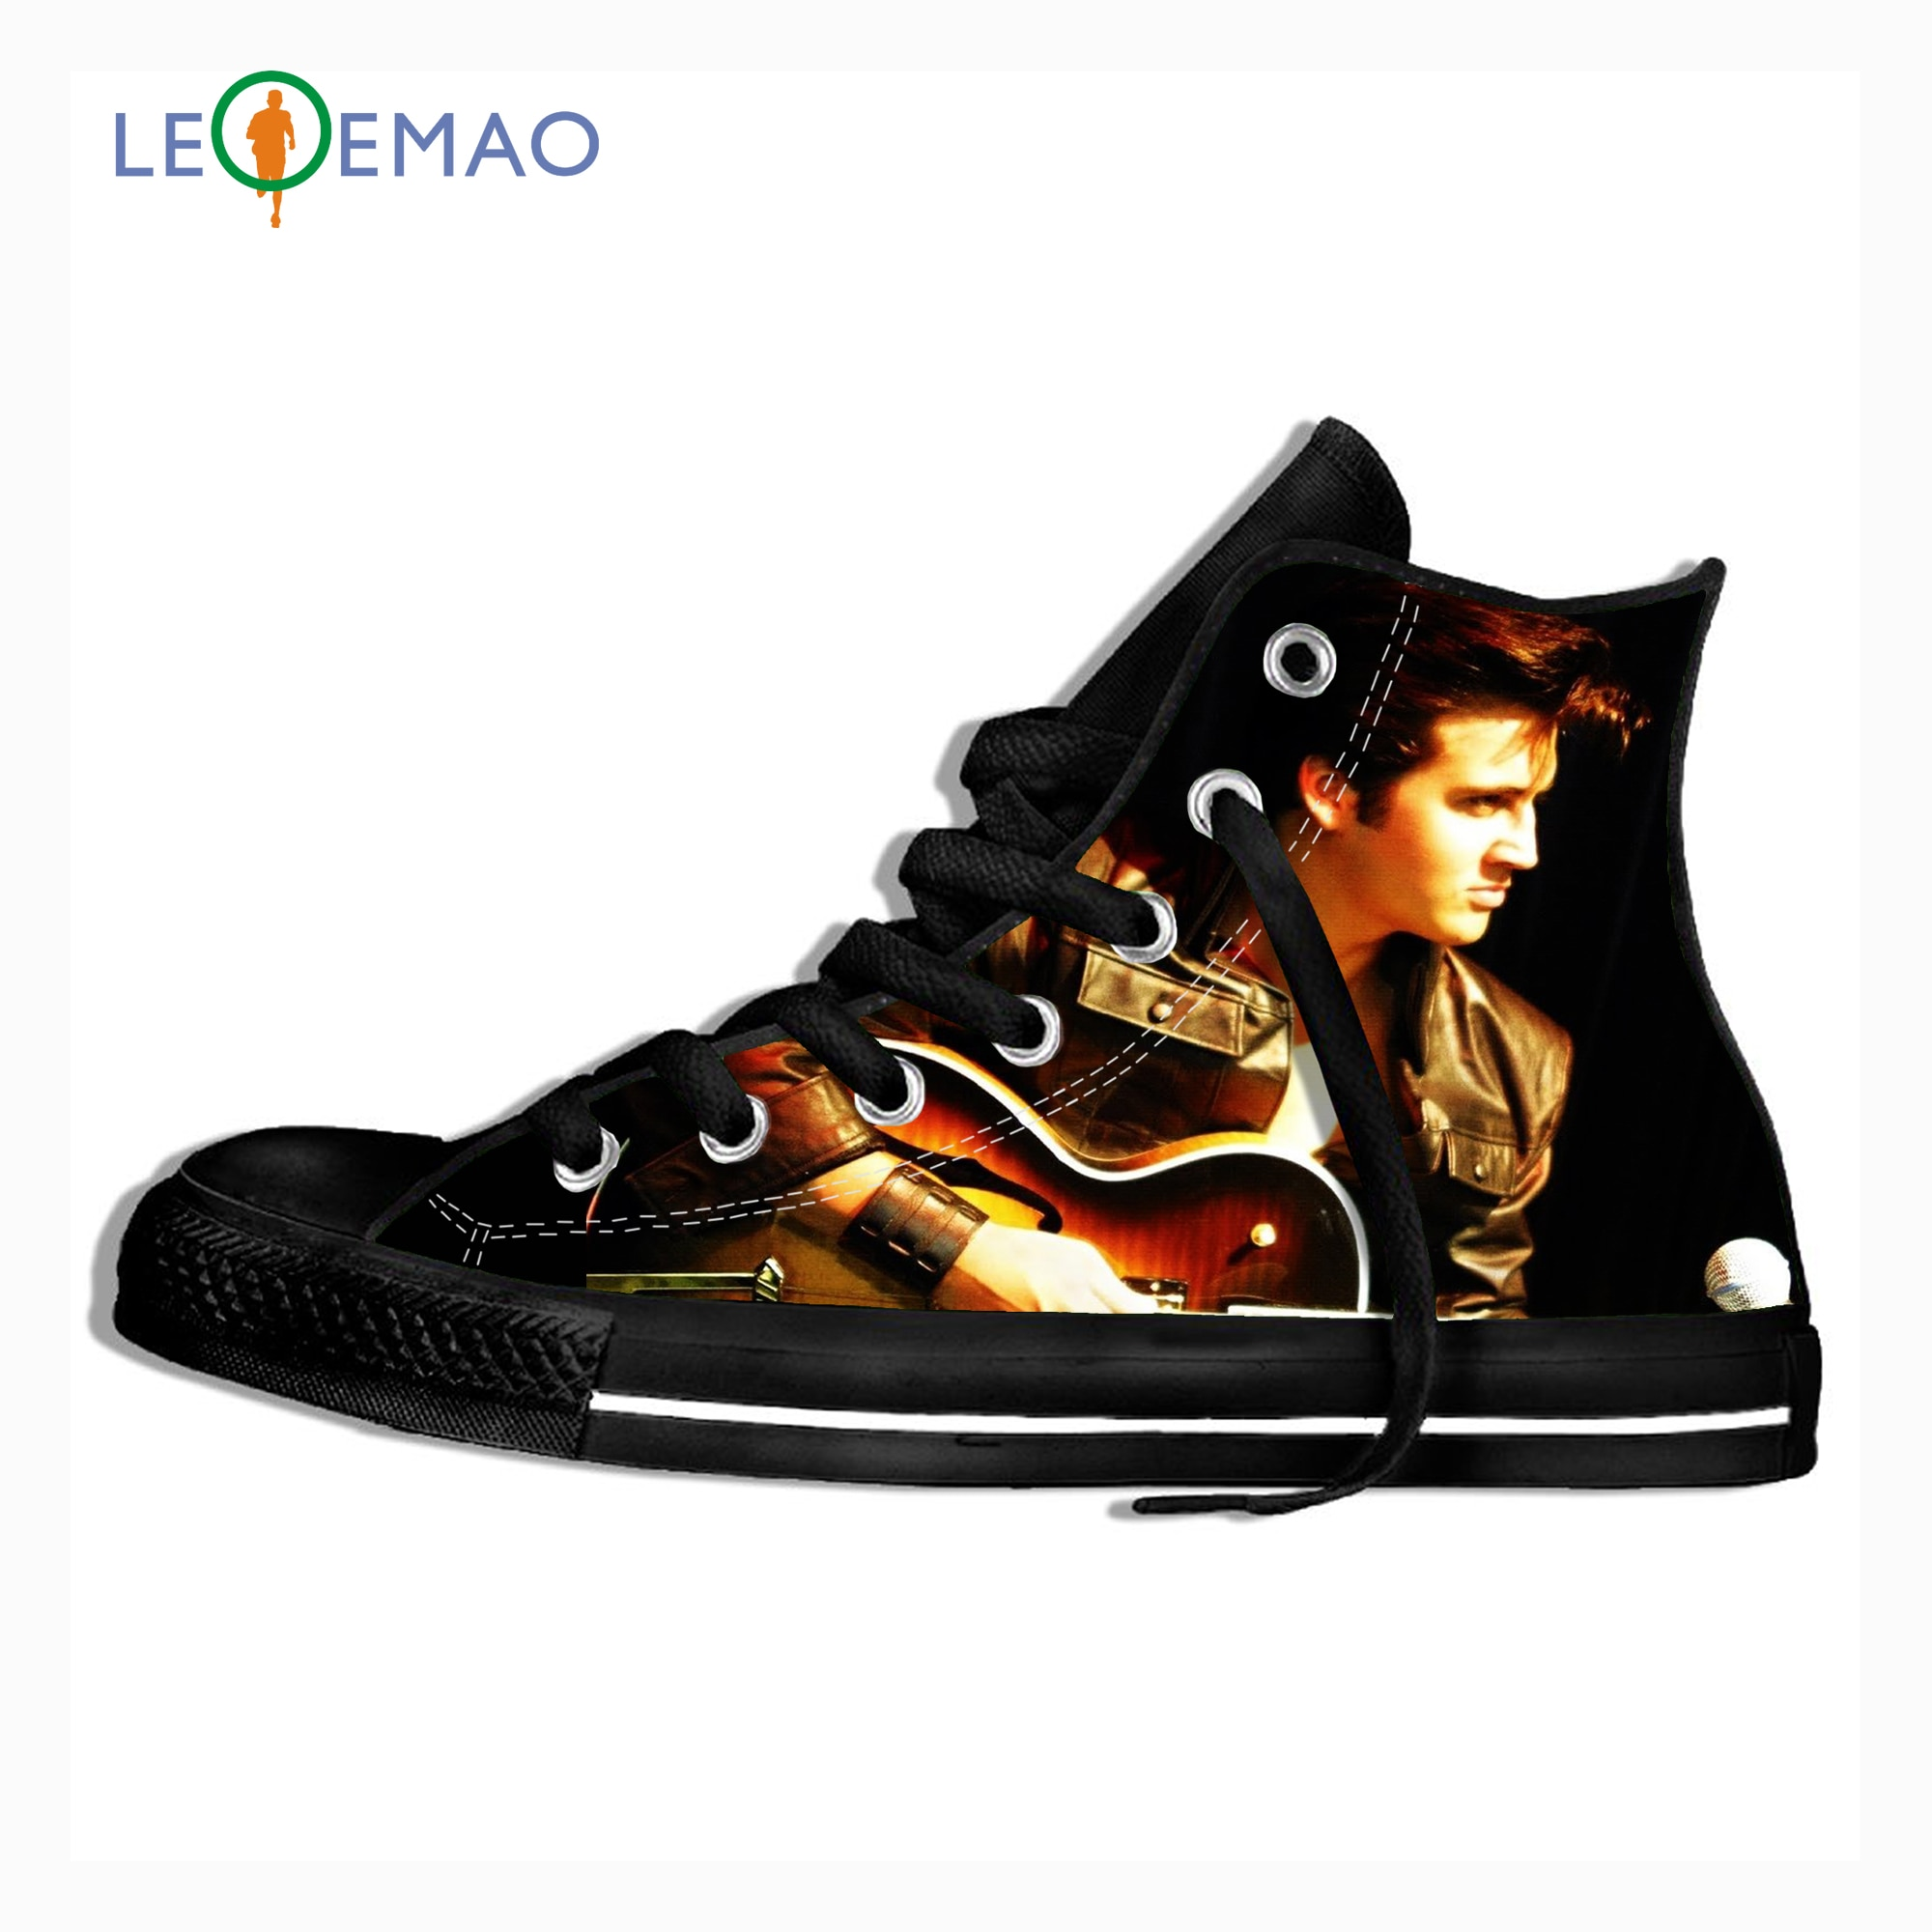 Impresión 3D personalizada Elvis Presley, botas de lona de alta calidad con cordones, zapatillas de lona ligeras Unisex, calzado Casual para hombres y mujeres